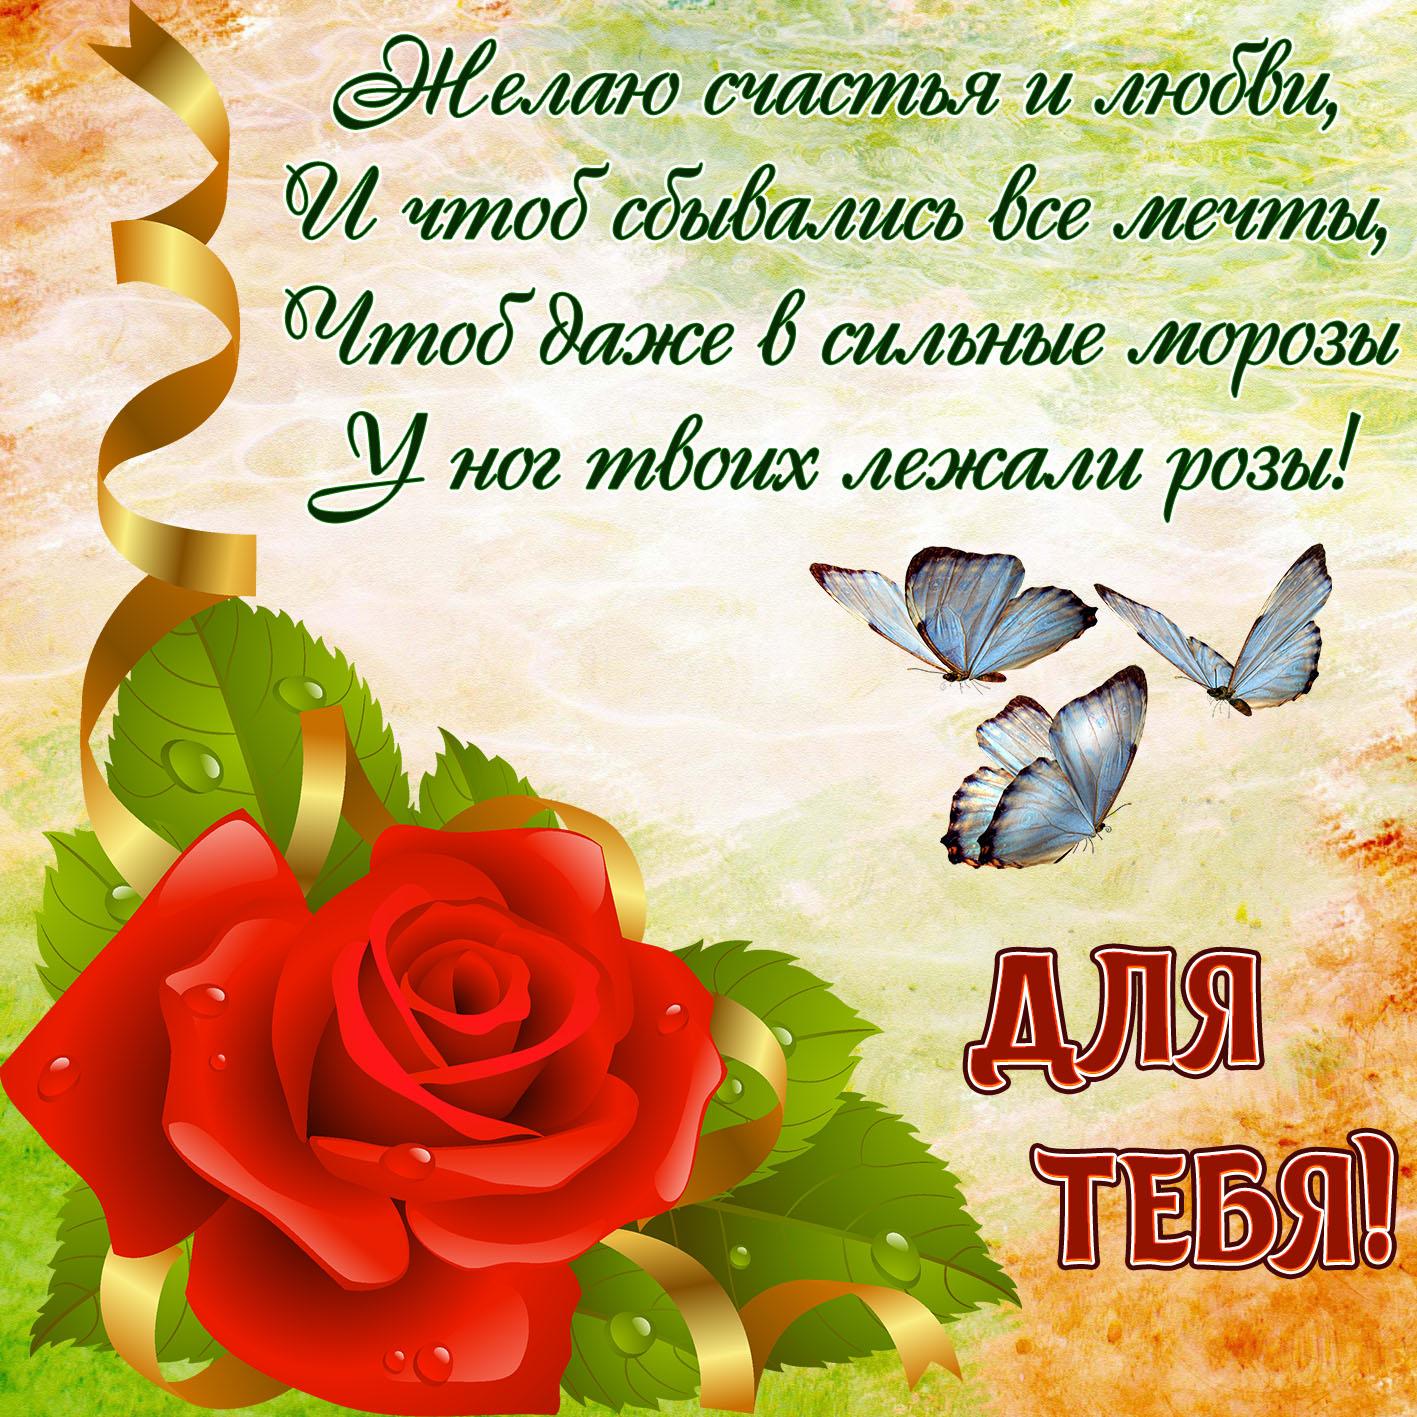 Открытка - пожелание на фоне красивой красной розы